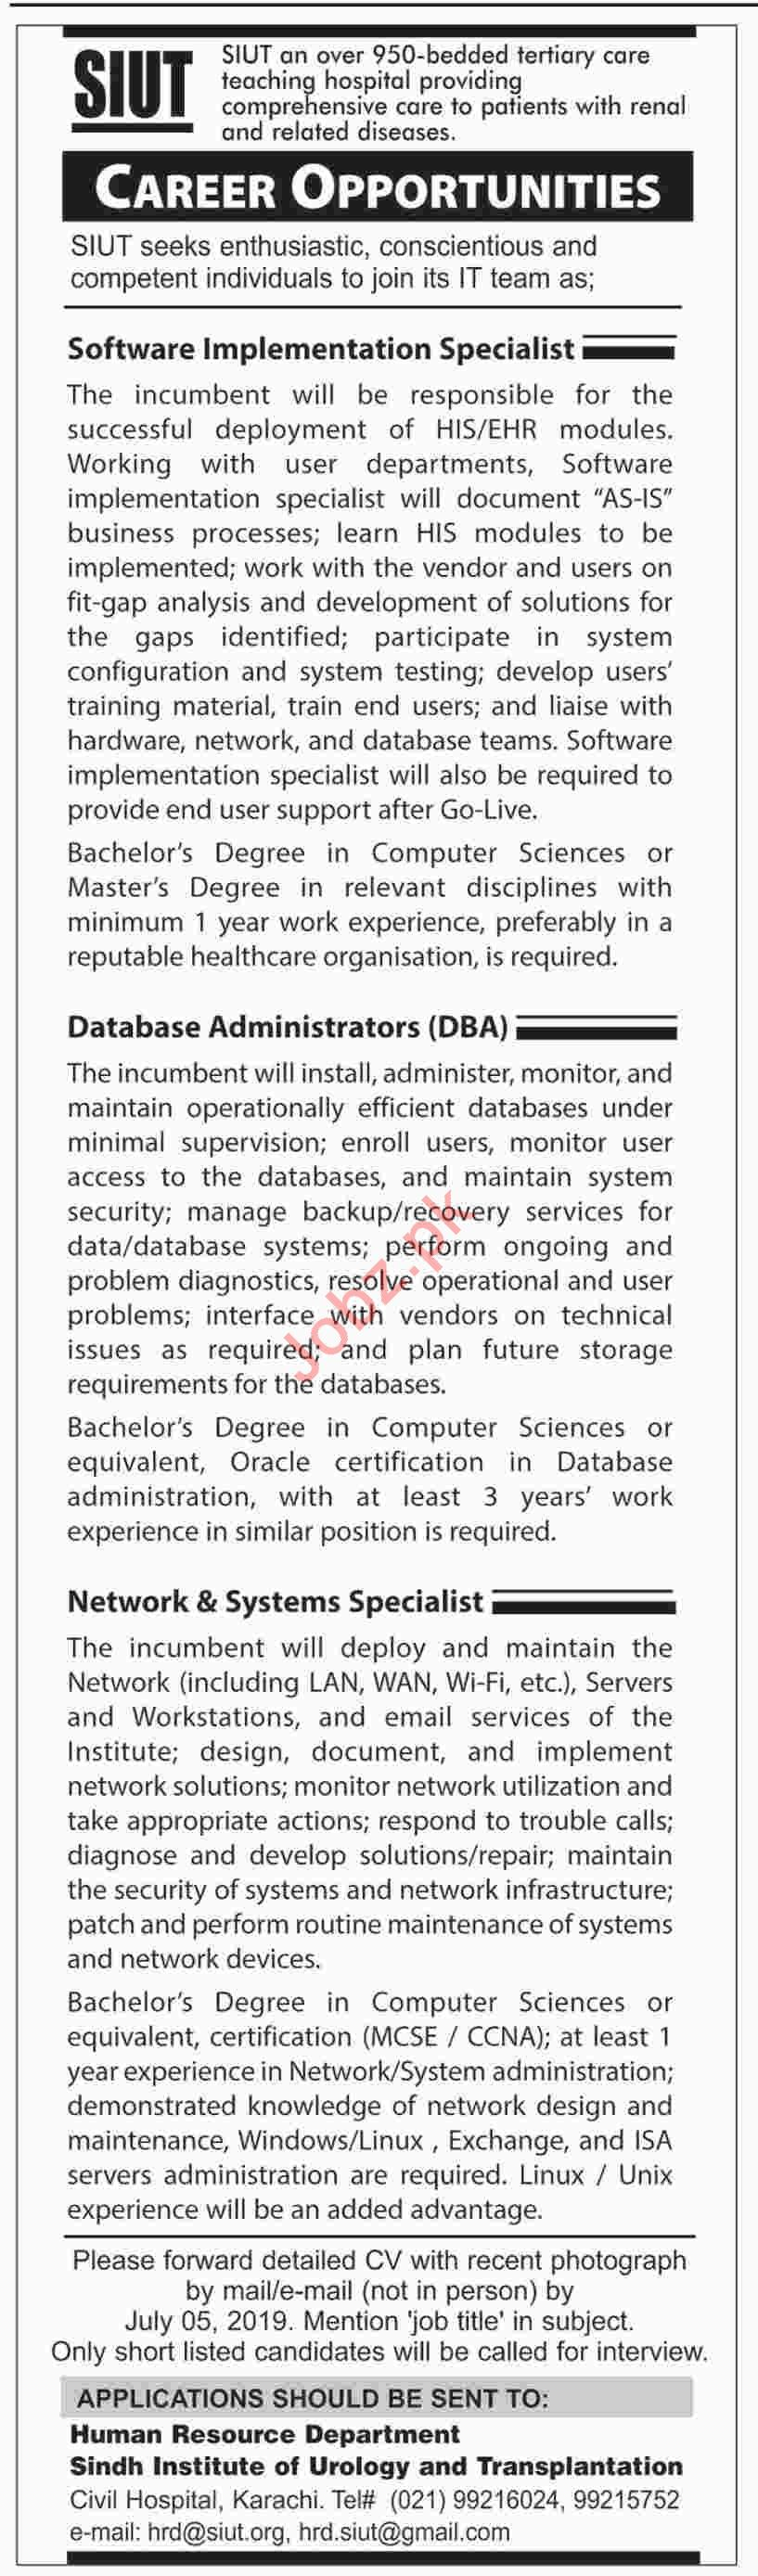 Sindh Institute Of Urology & Transplantation MIT Jobs 2019